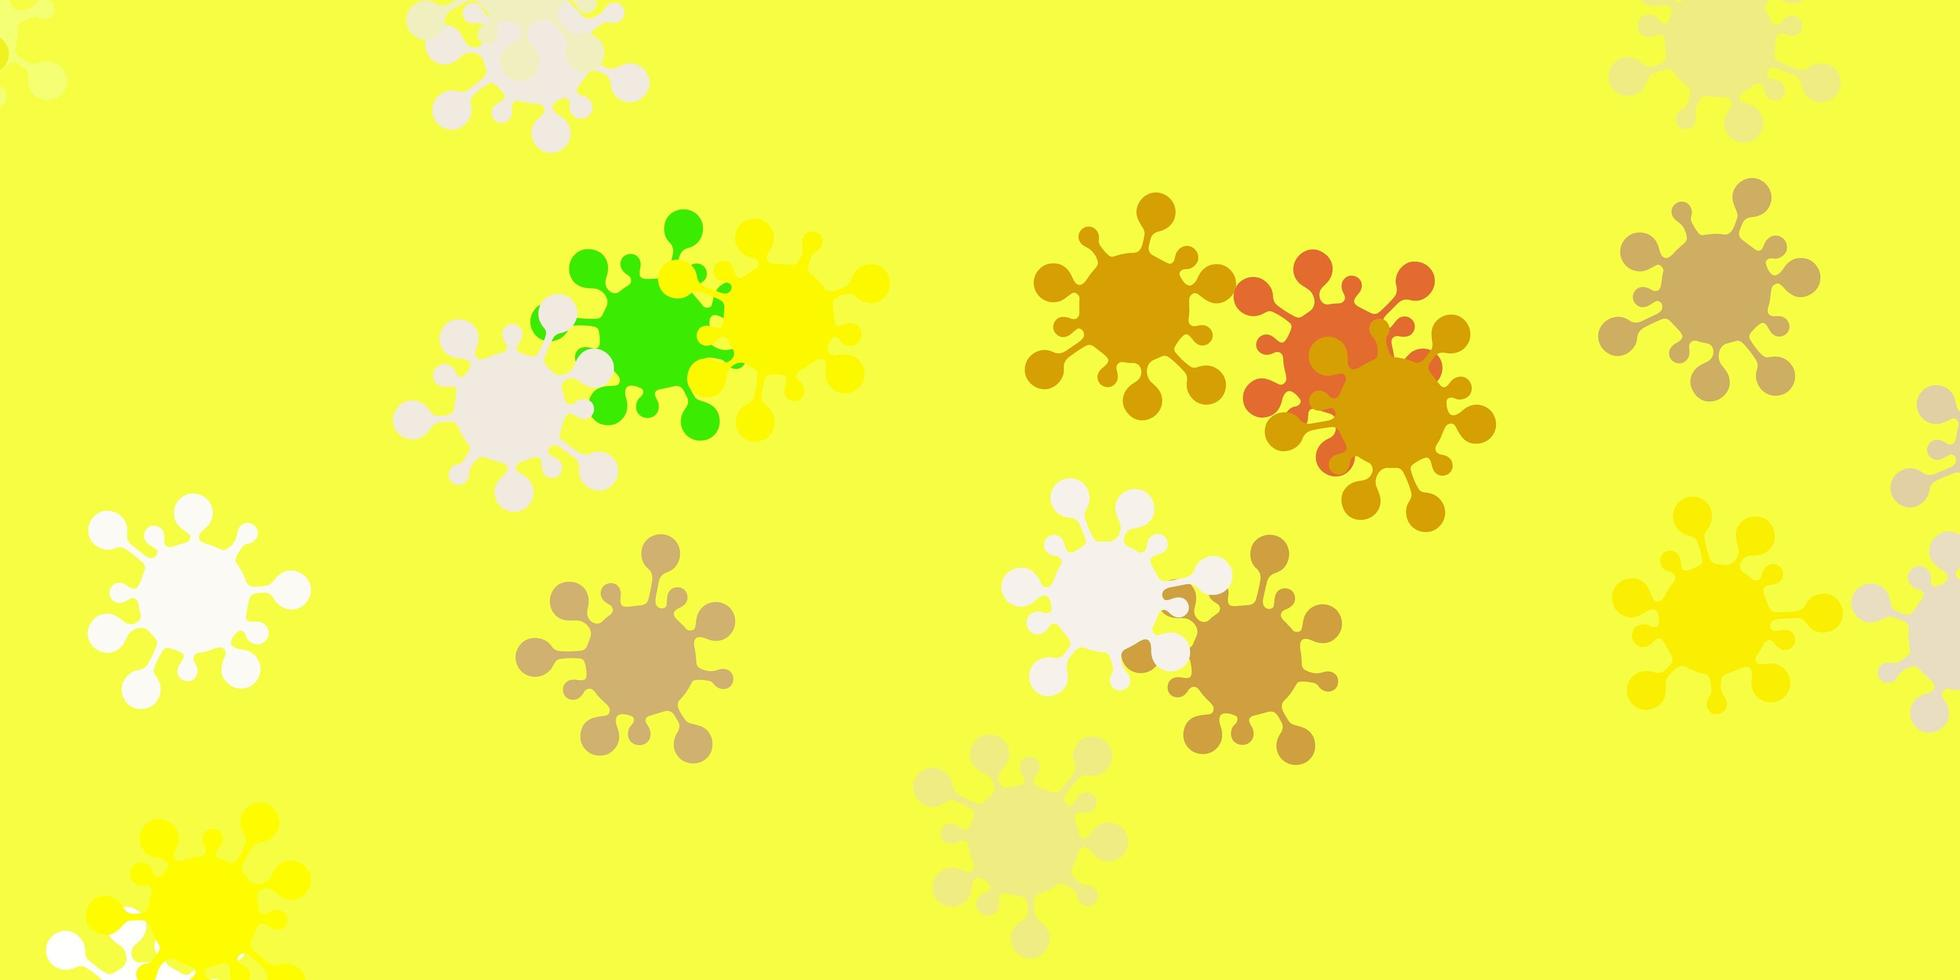 sfondo vettoriale verde chiaro, giallo con simboli di virus